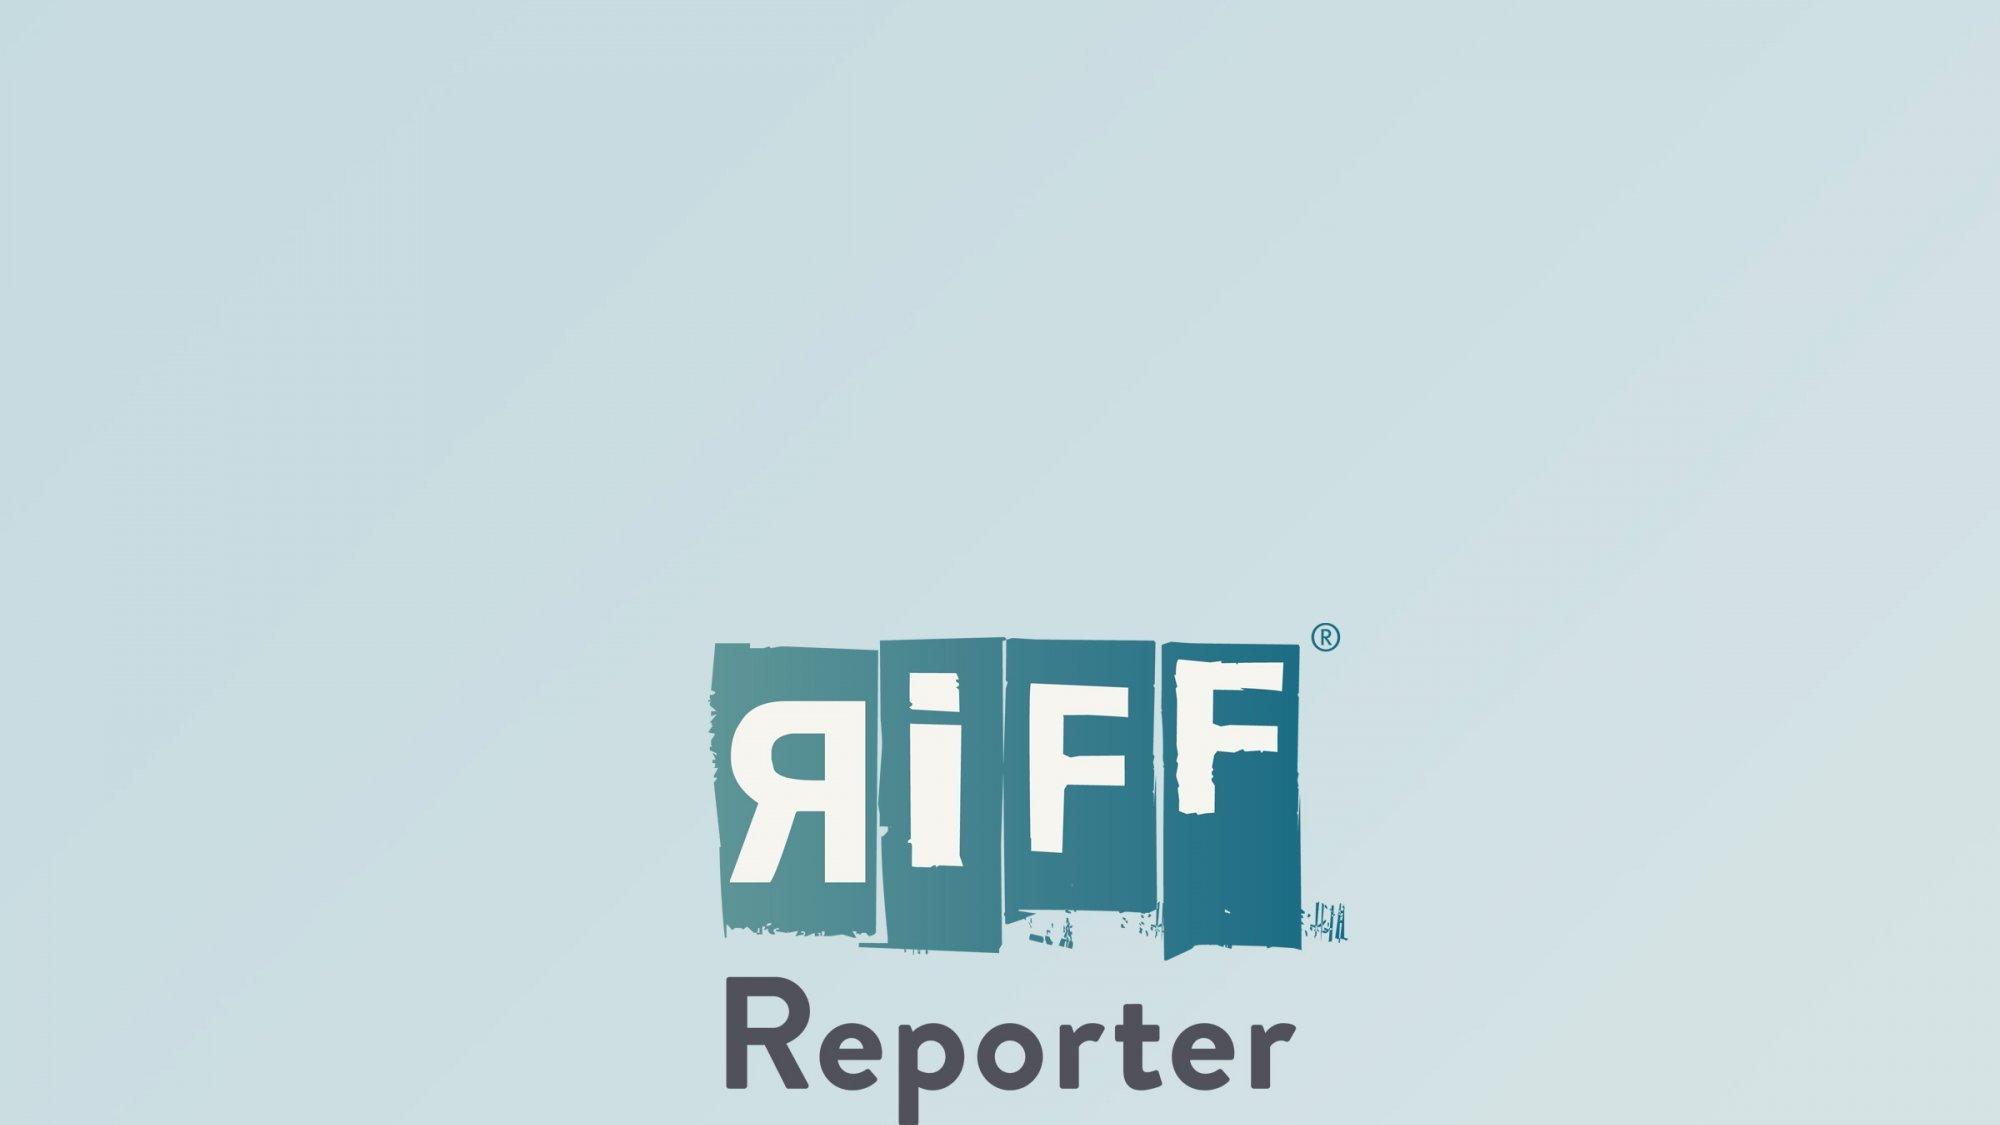 Ein Frau kniet auf dem Boden und untersucht junge Pflanzen, die gezüchtet wurden.